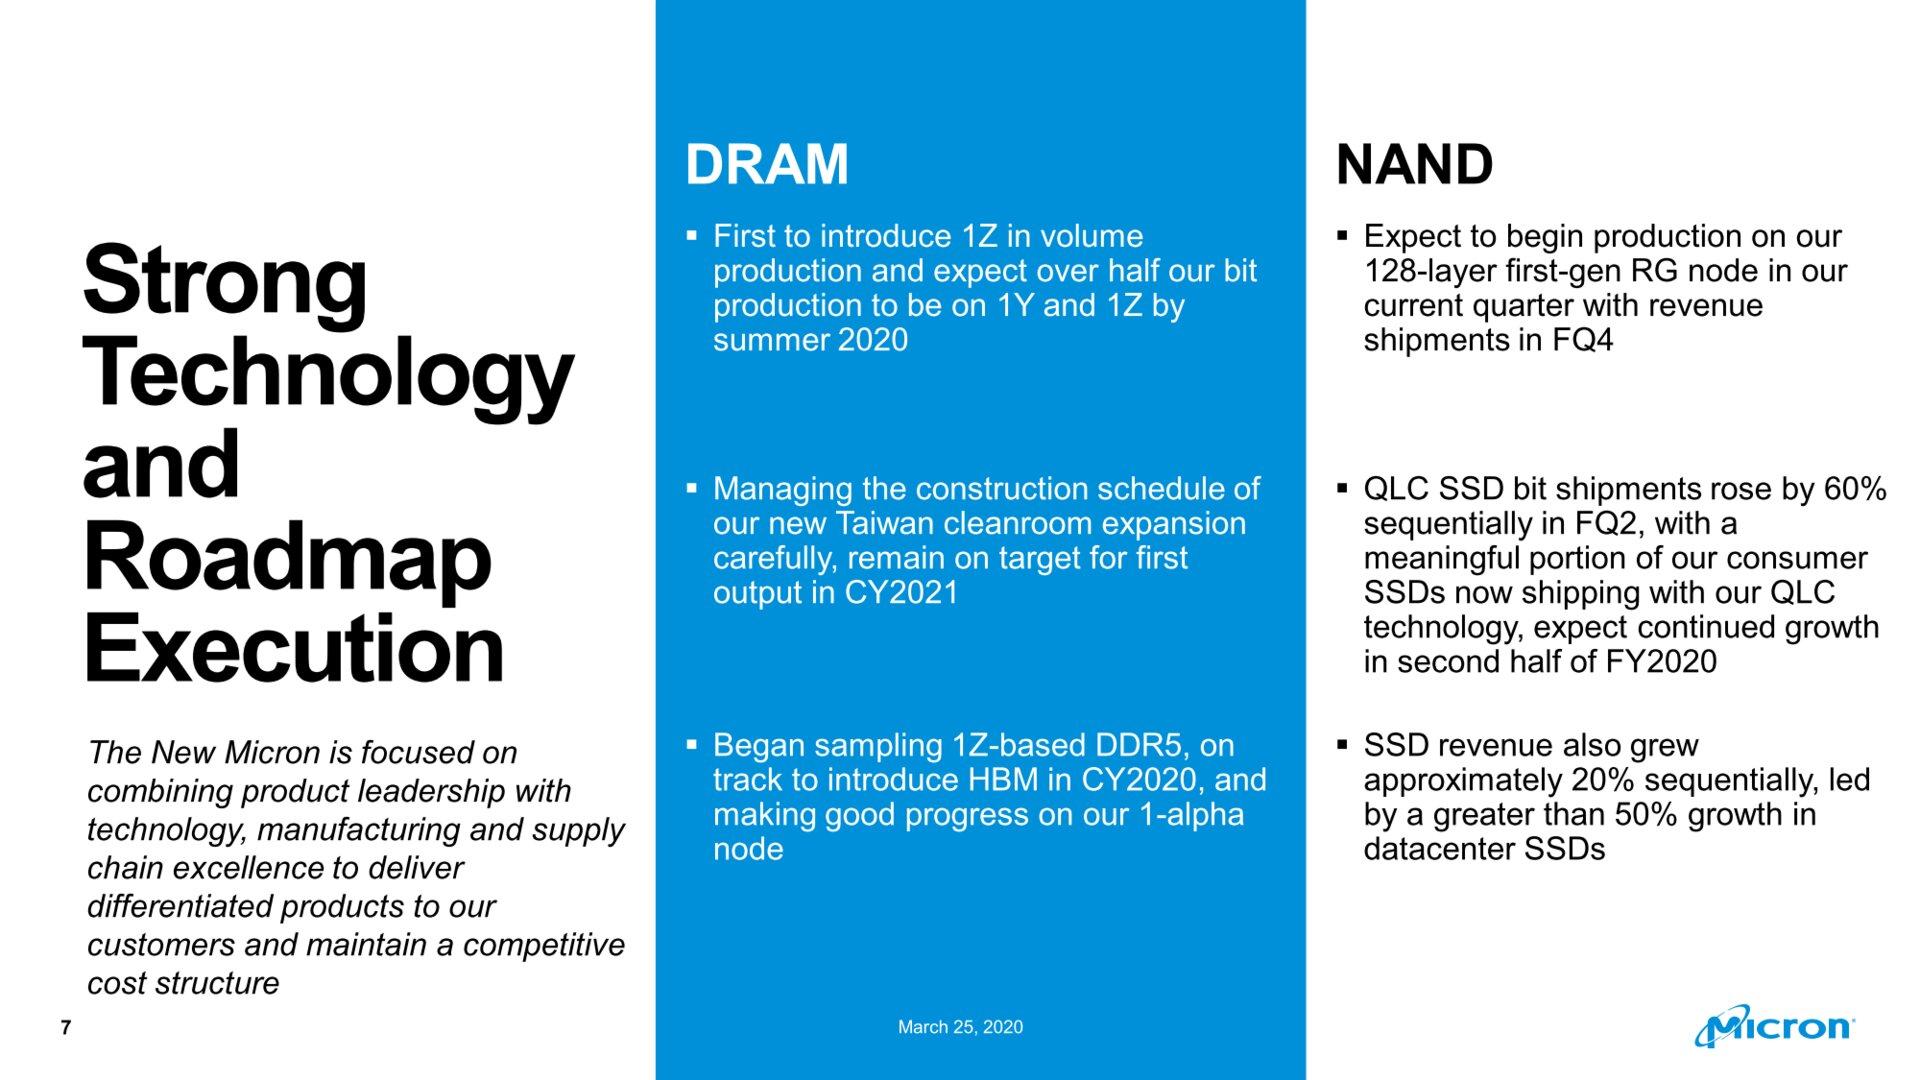 Fahrplan für DRAM und NAND